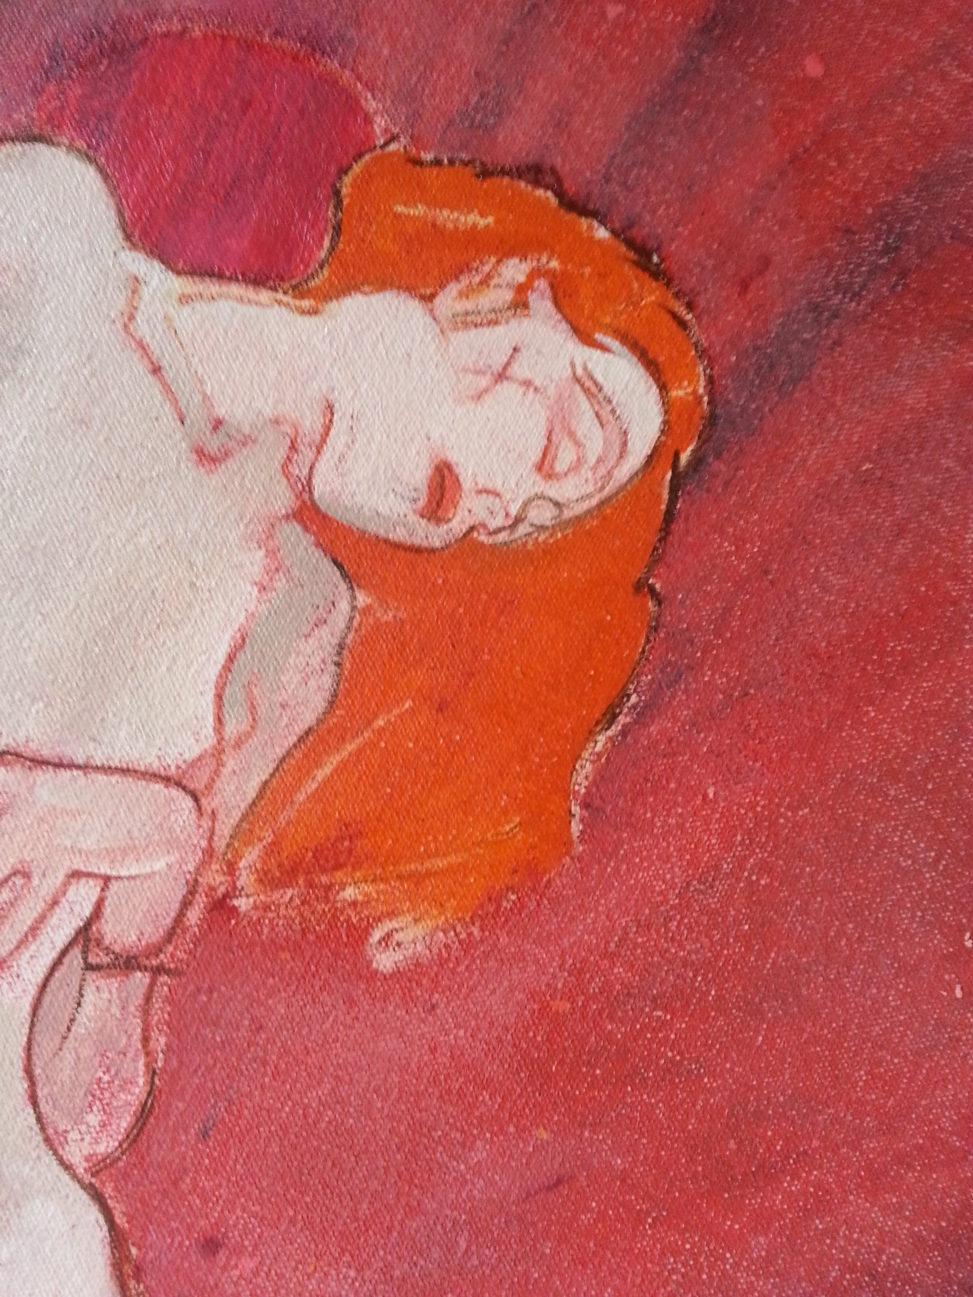 adele copy from klimt by alan dedman nude portrait